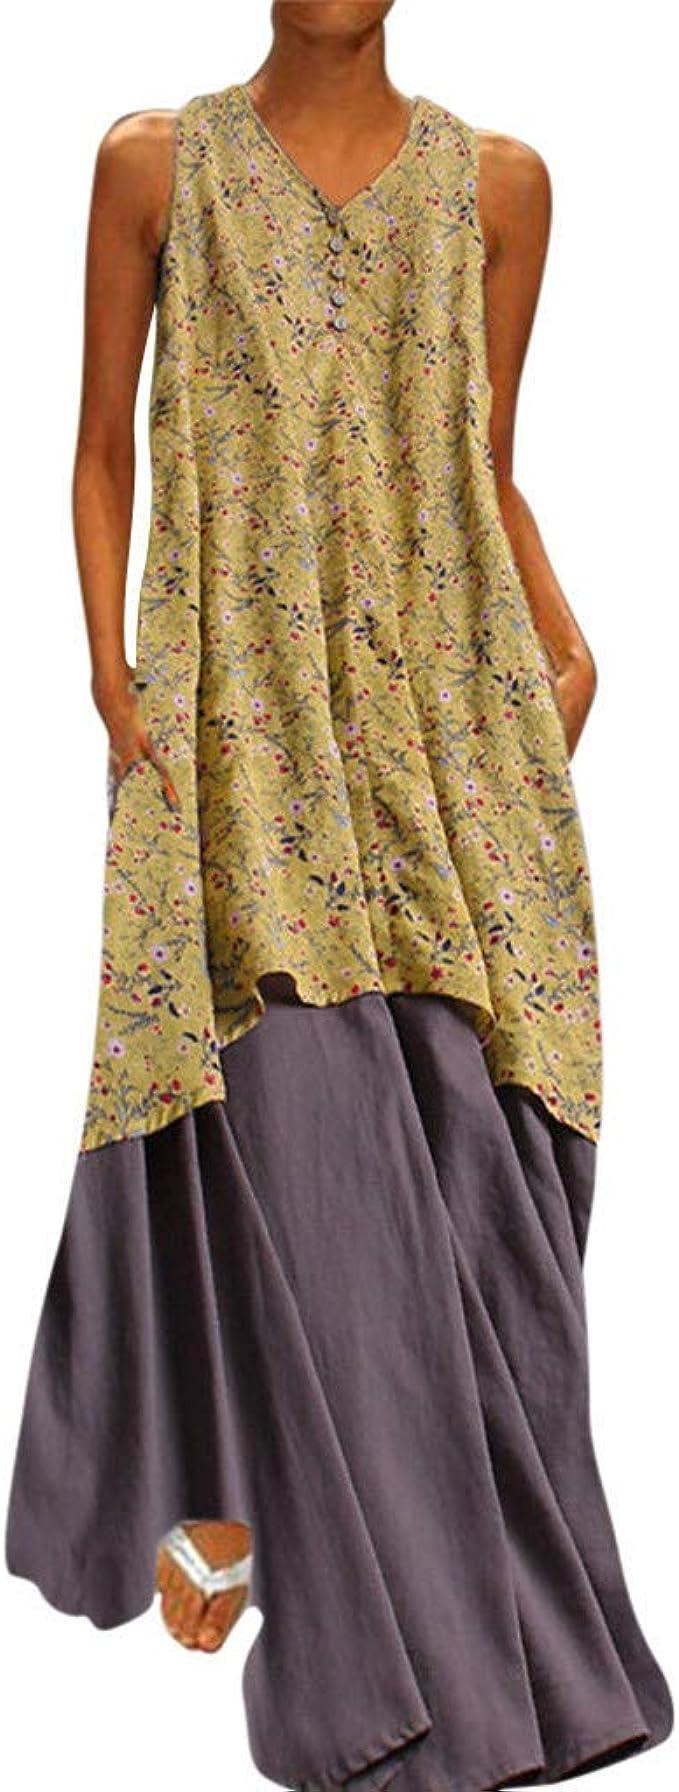 Kleid äRmellos Grosse GröSsen Damen Kleider lang Abendkleider